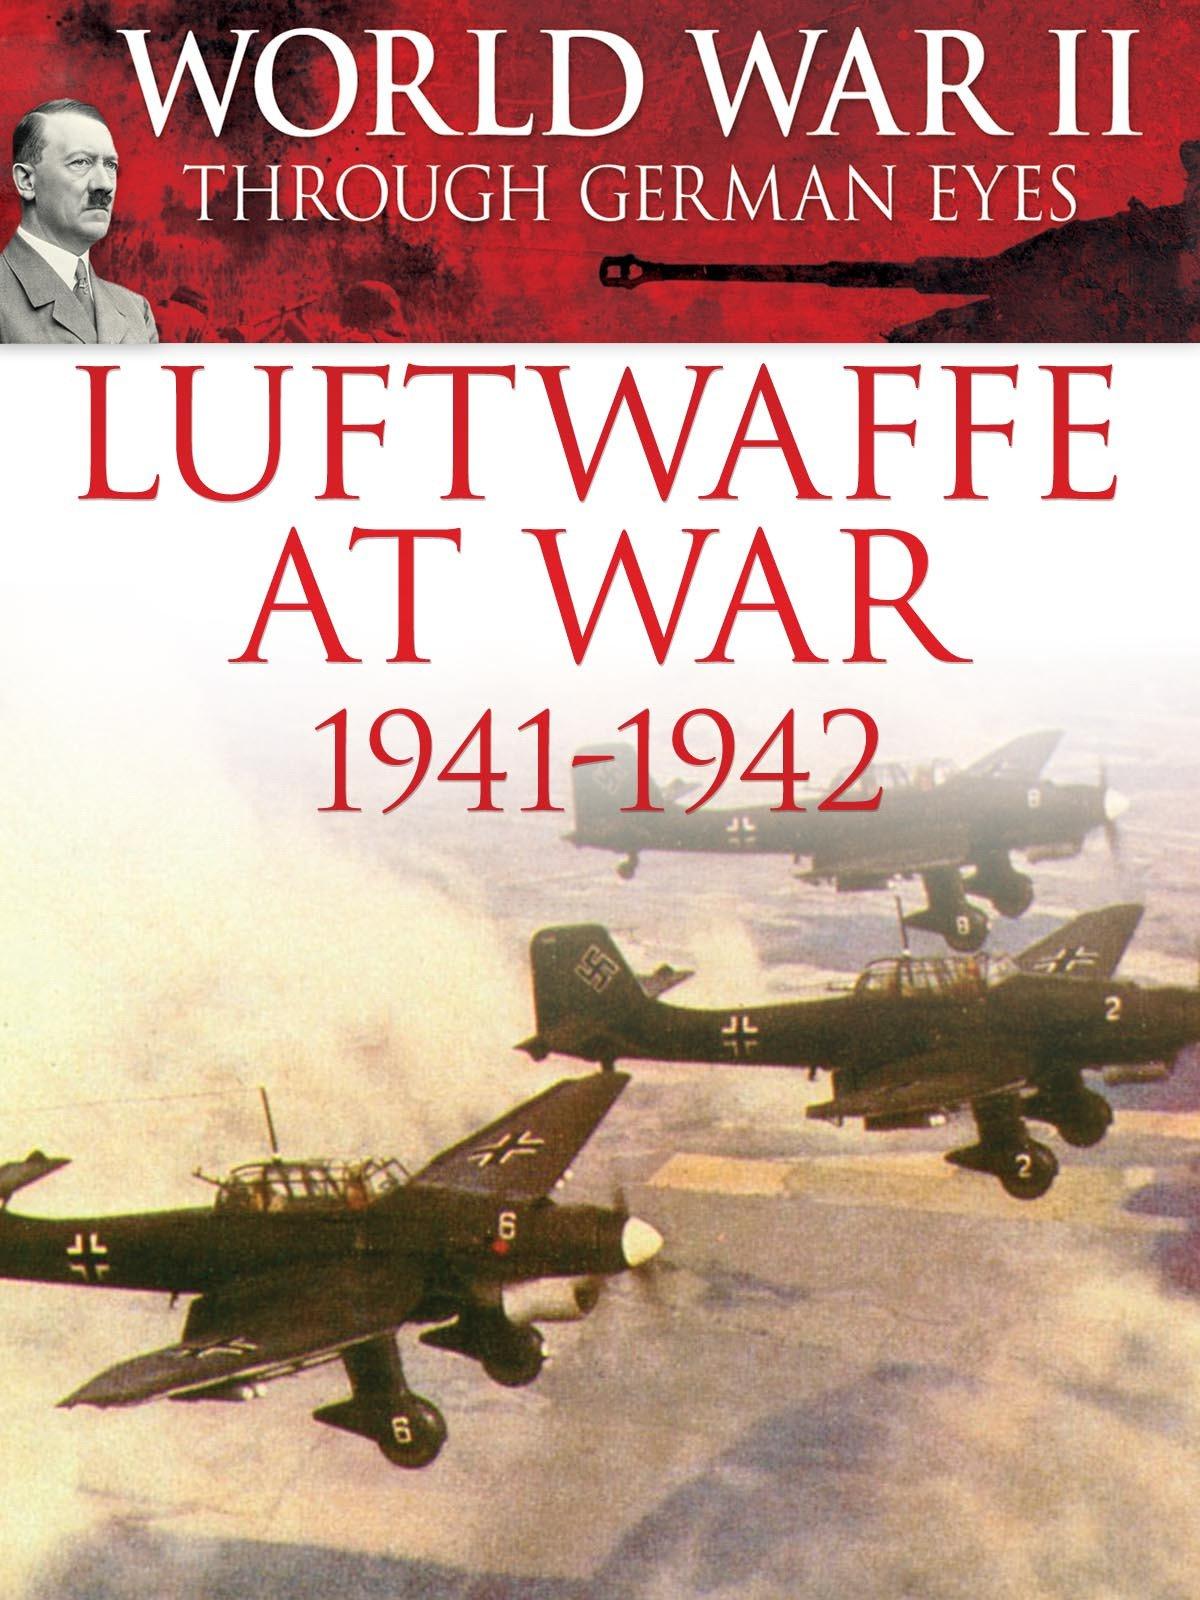 World War II Through German Eyes: Luftwaffe at War 1941-1942 on Amazon Prime Video UK